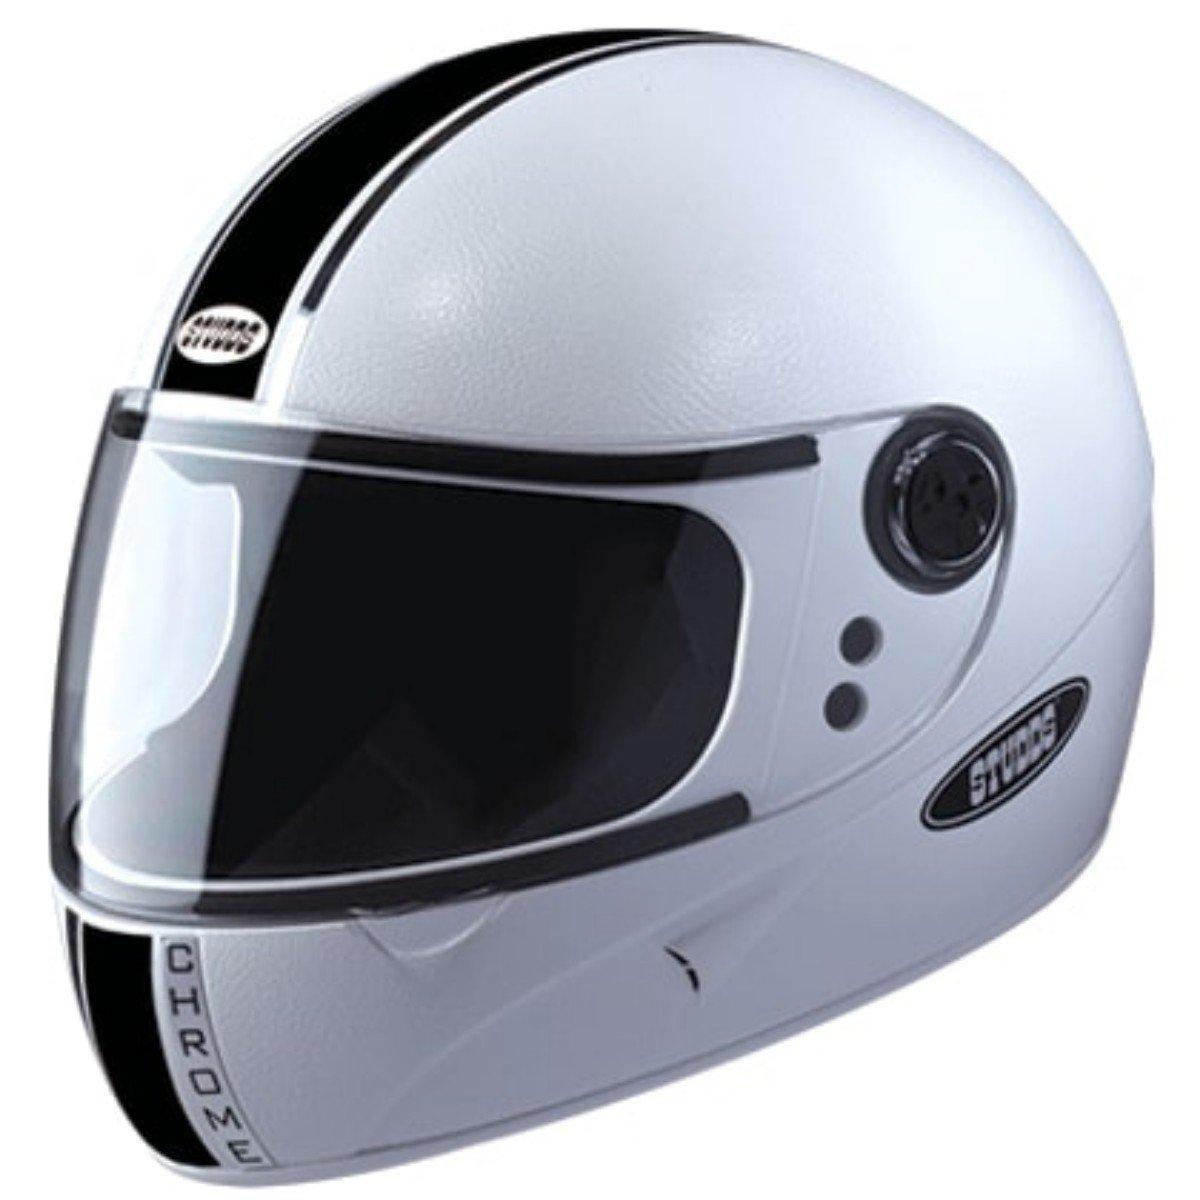 Studds Chrome Eco Bike Helmet